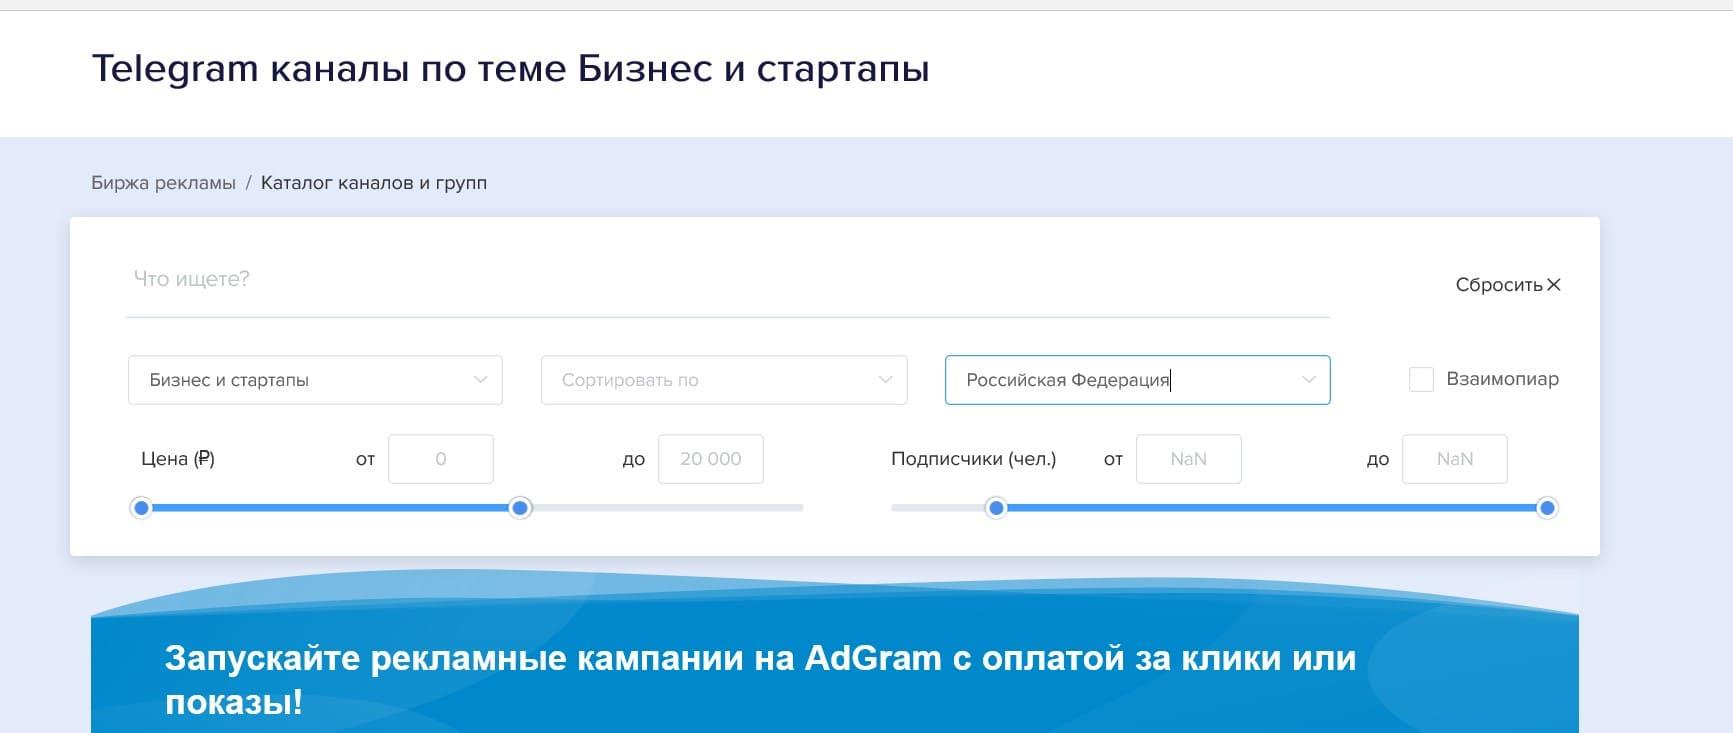 Как раскрутить телеграм канал